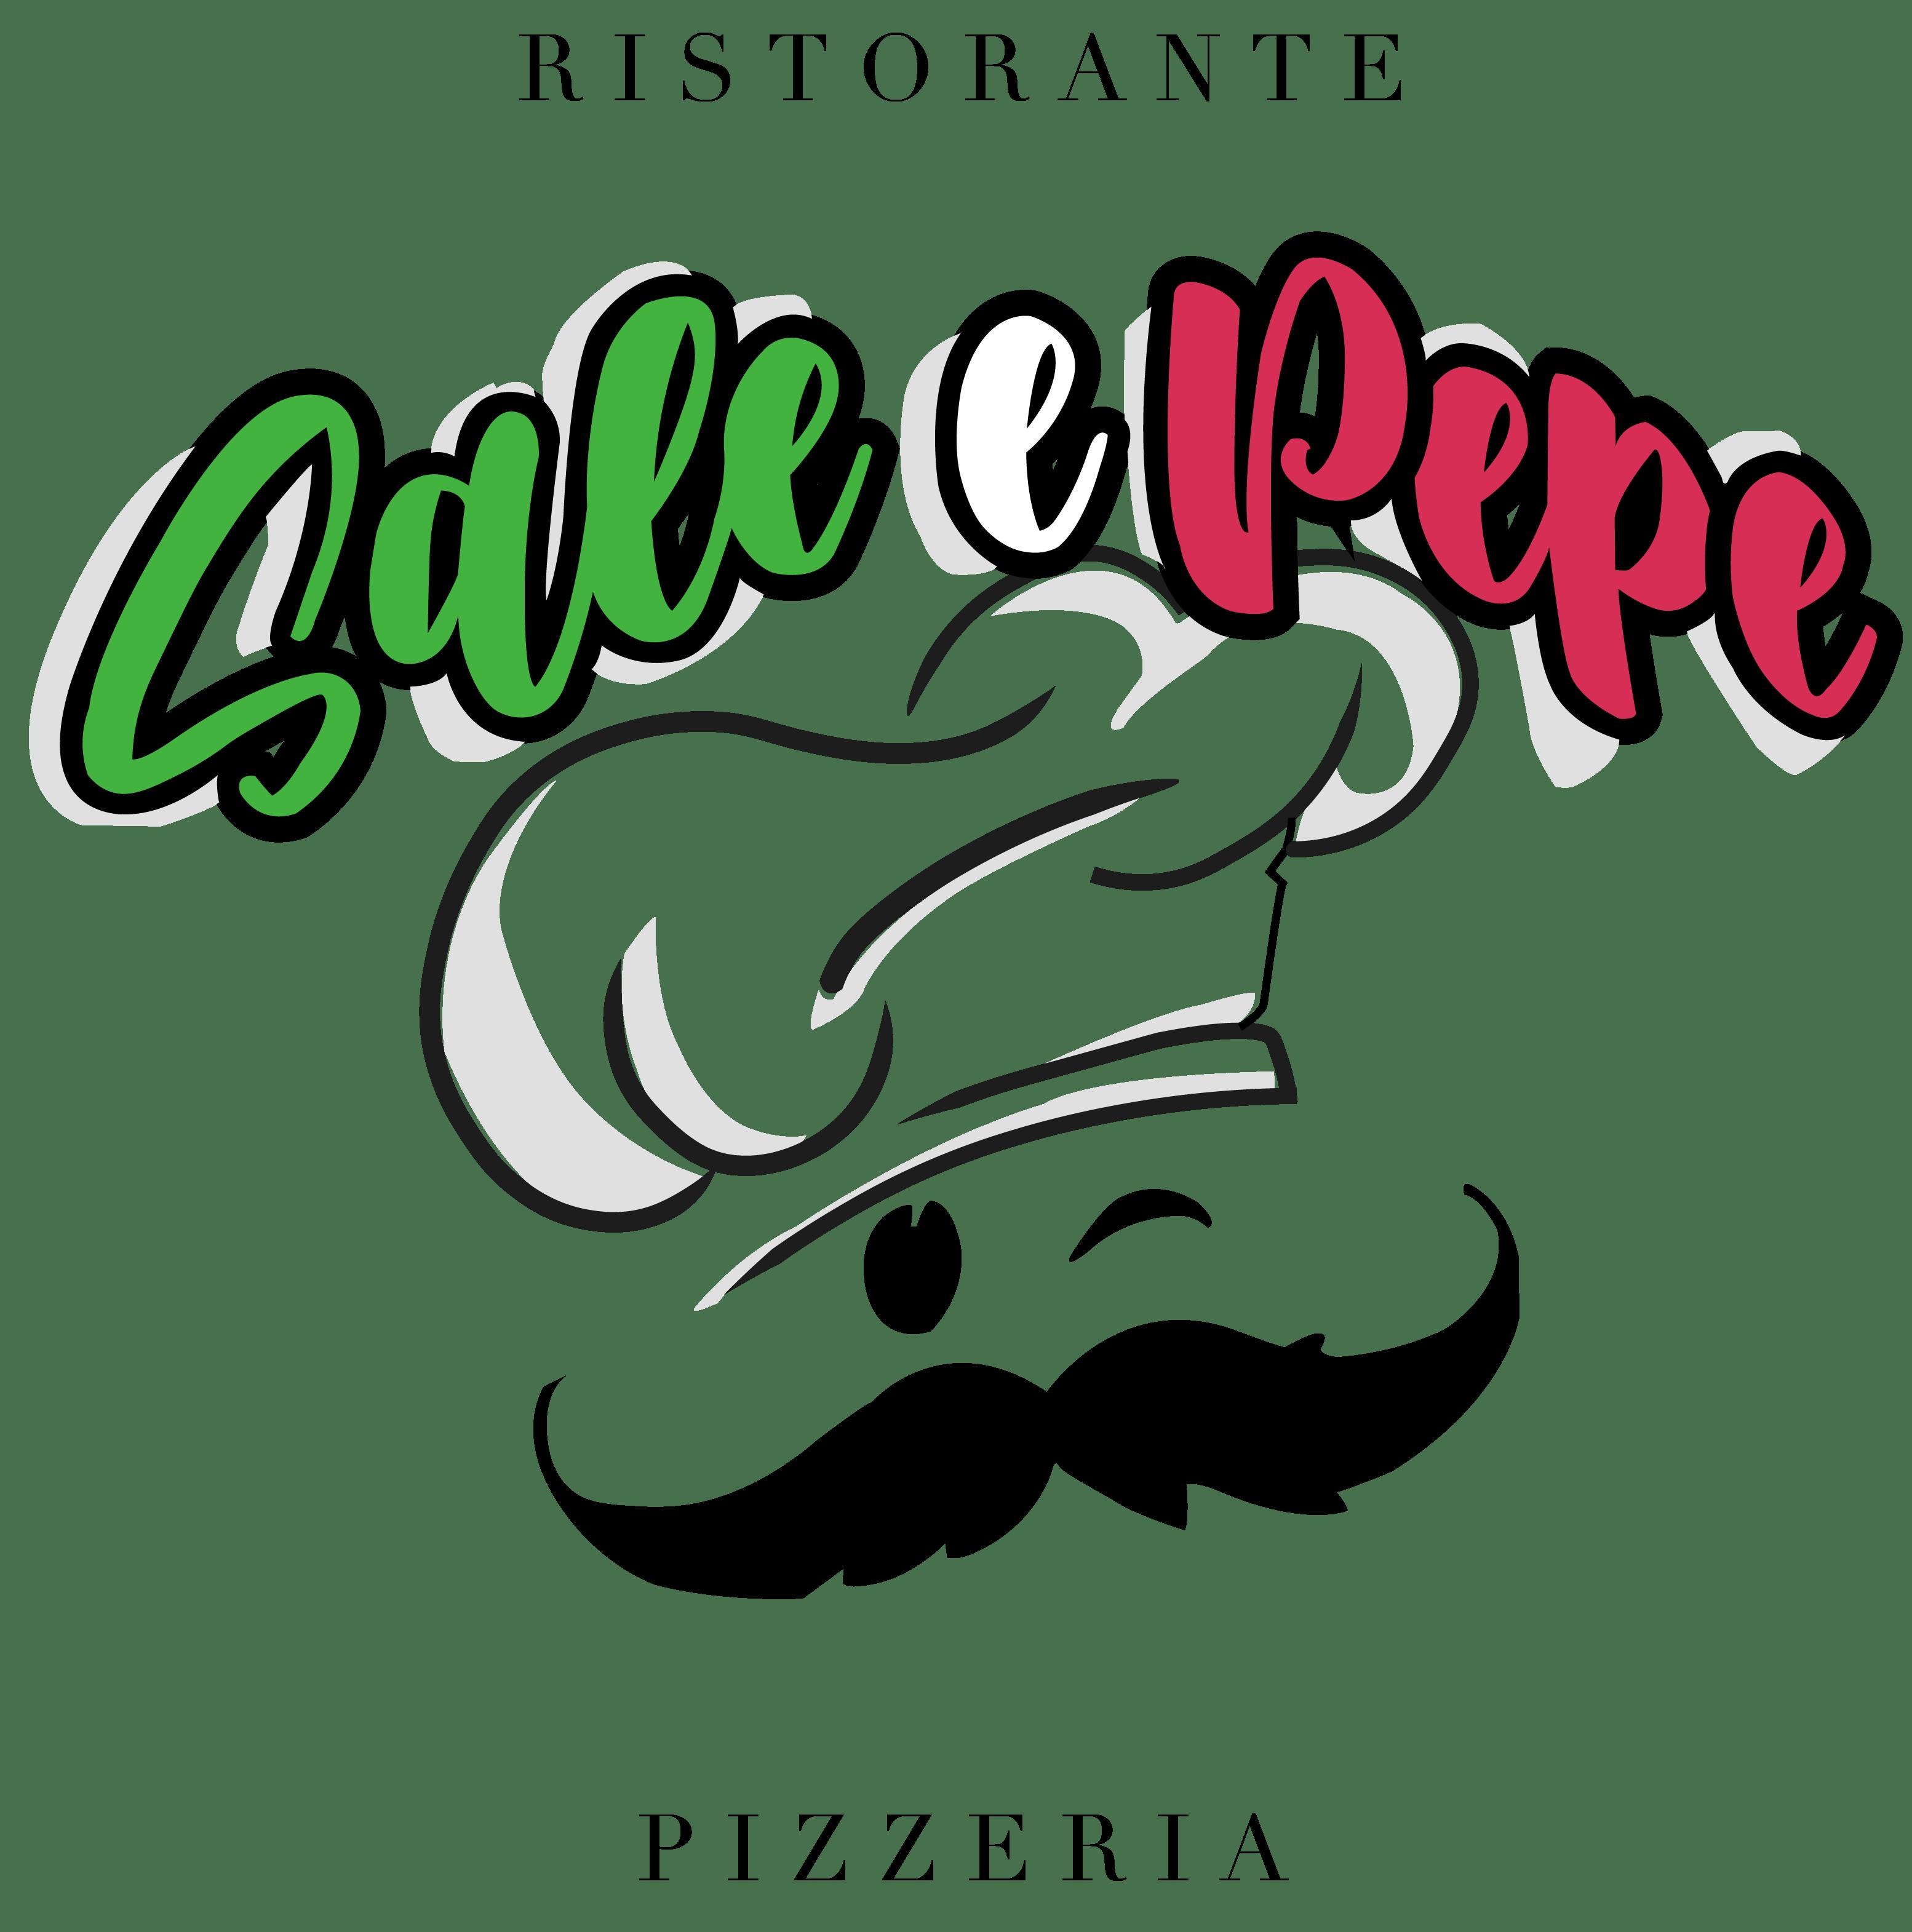 Sale e Pepe – Ristorante Pizzeria